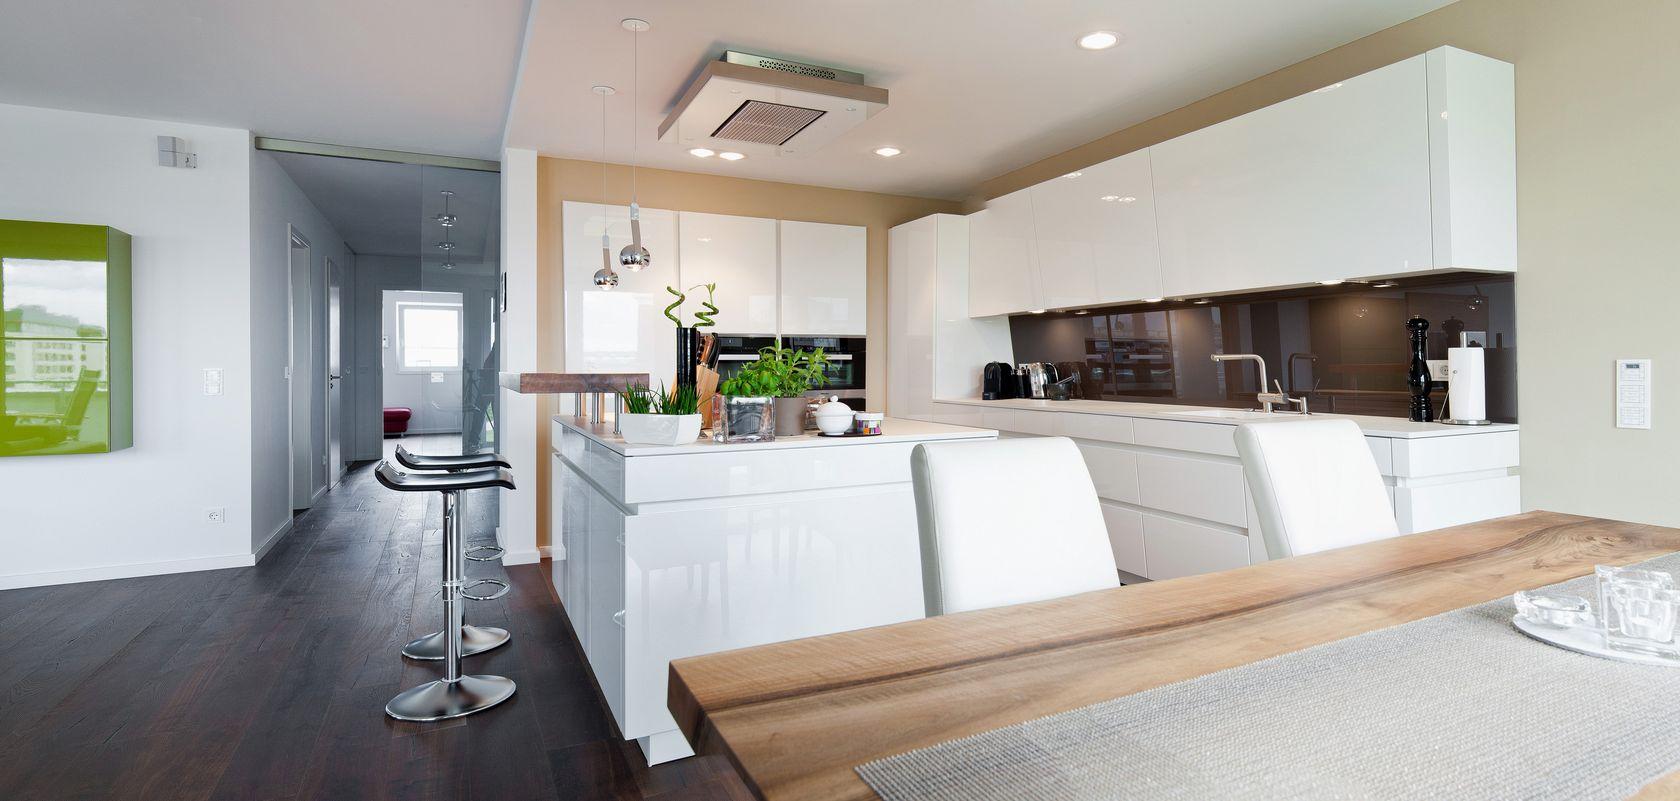 Küche Mit Kochinsel Grifflos ~ kochinsel küchentraum in hochglanz weiß mit theke und modernster technik küchenhaus thiemann